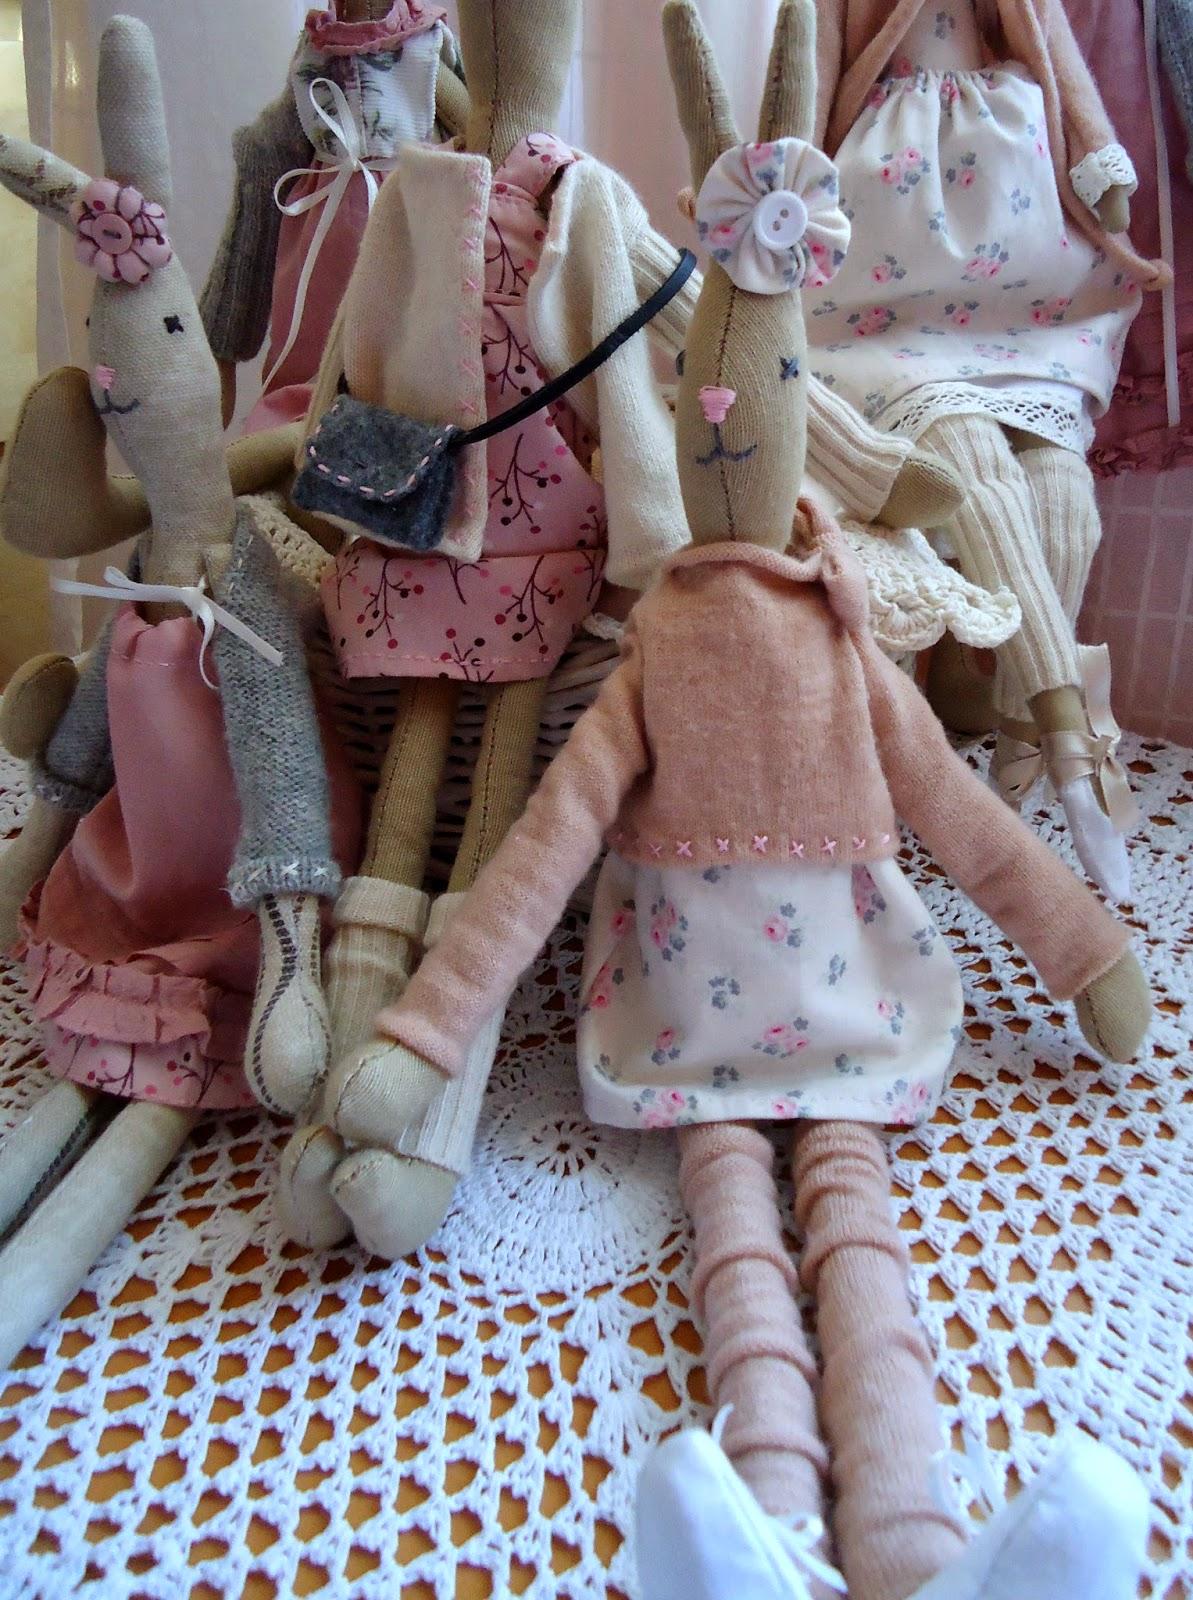 króliczek hand made, w różowej sukience, w sweterku